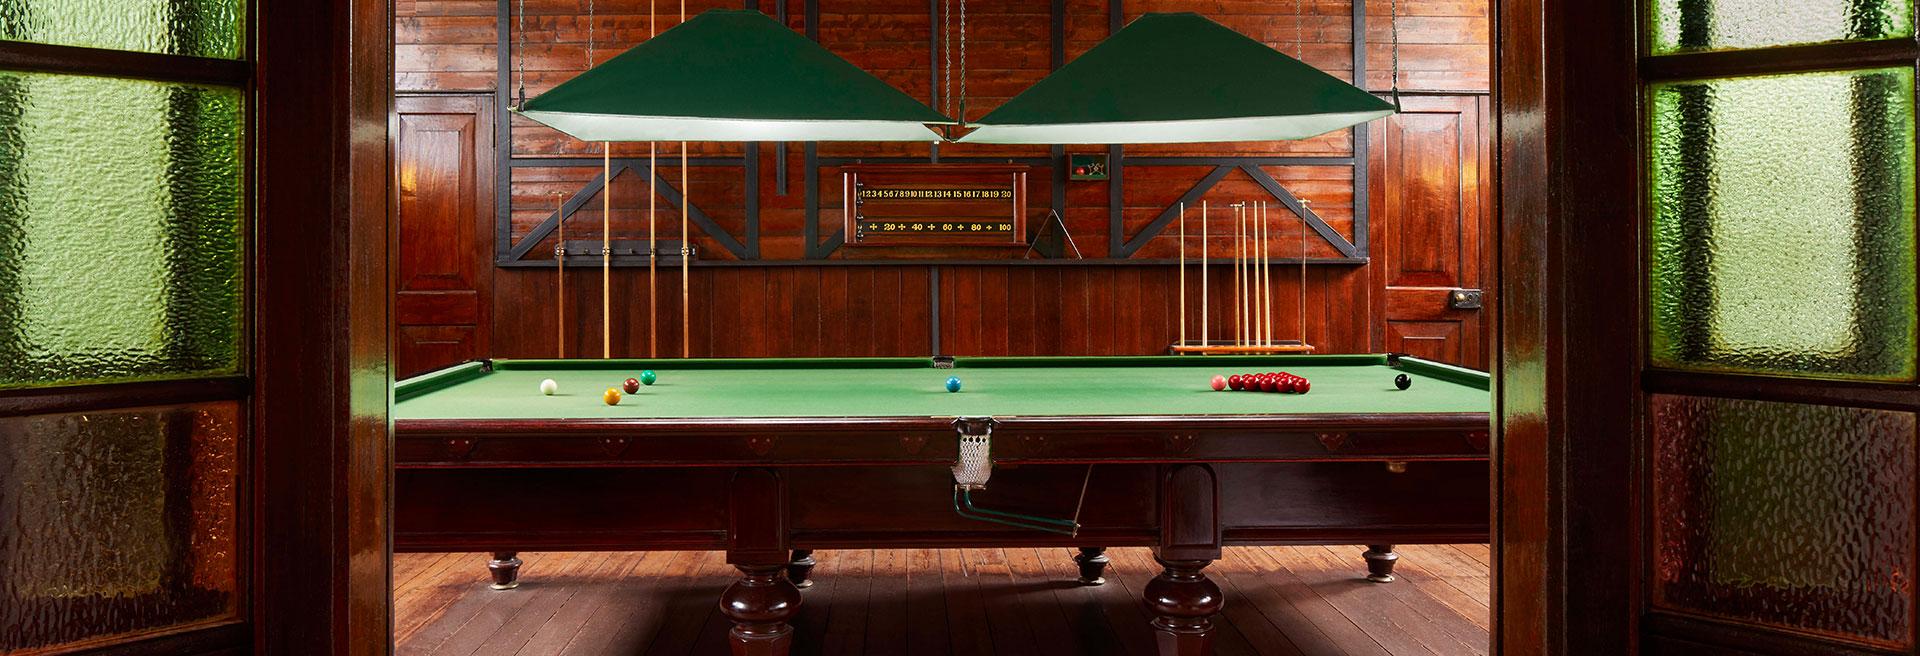 Billiards room entrance